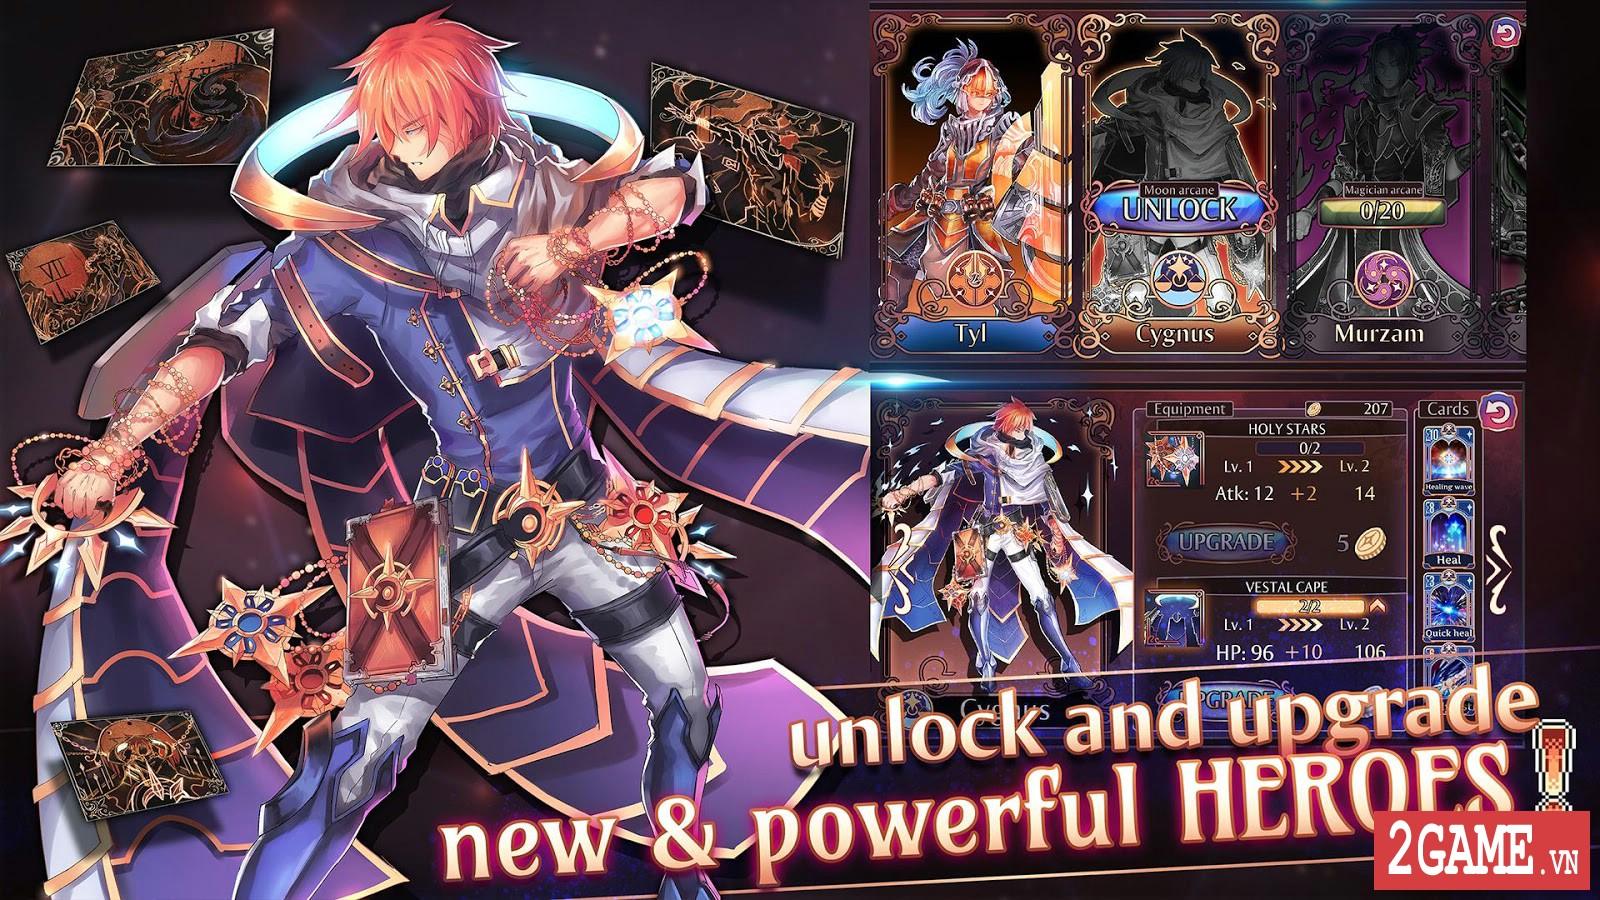 Golden Arcana: Tactics – Game đấu thẻ bài kết hợp nhập vai mang đậm phong cách anime 1